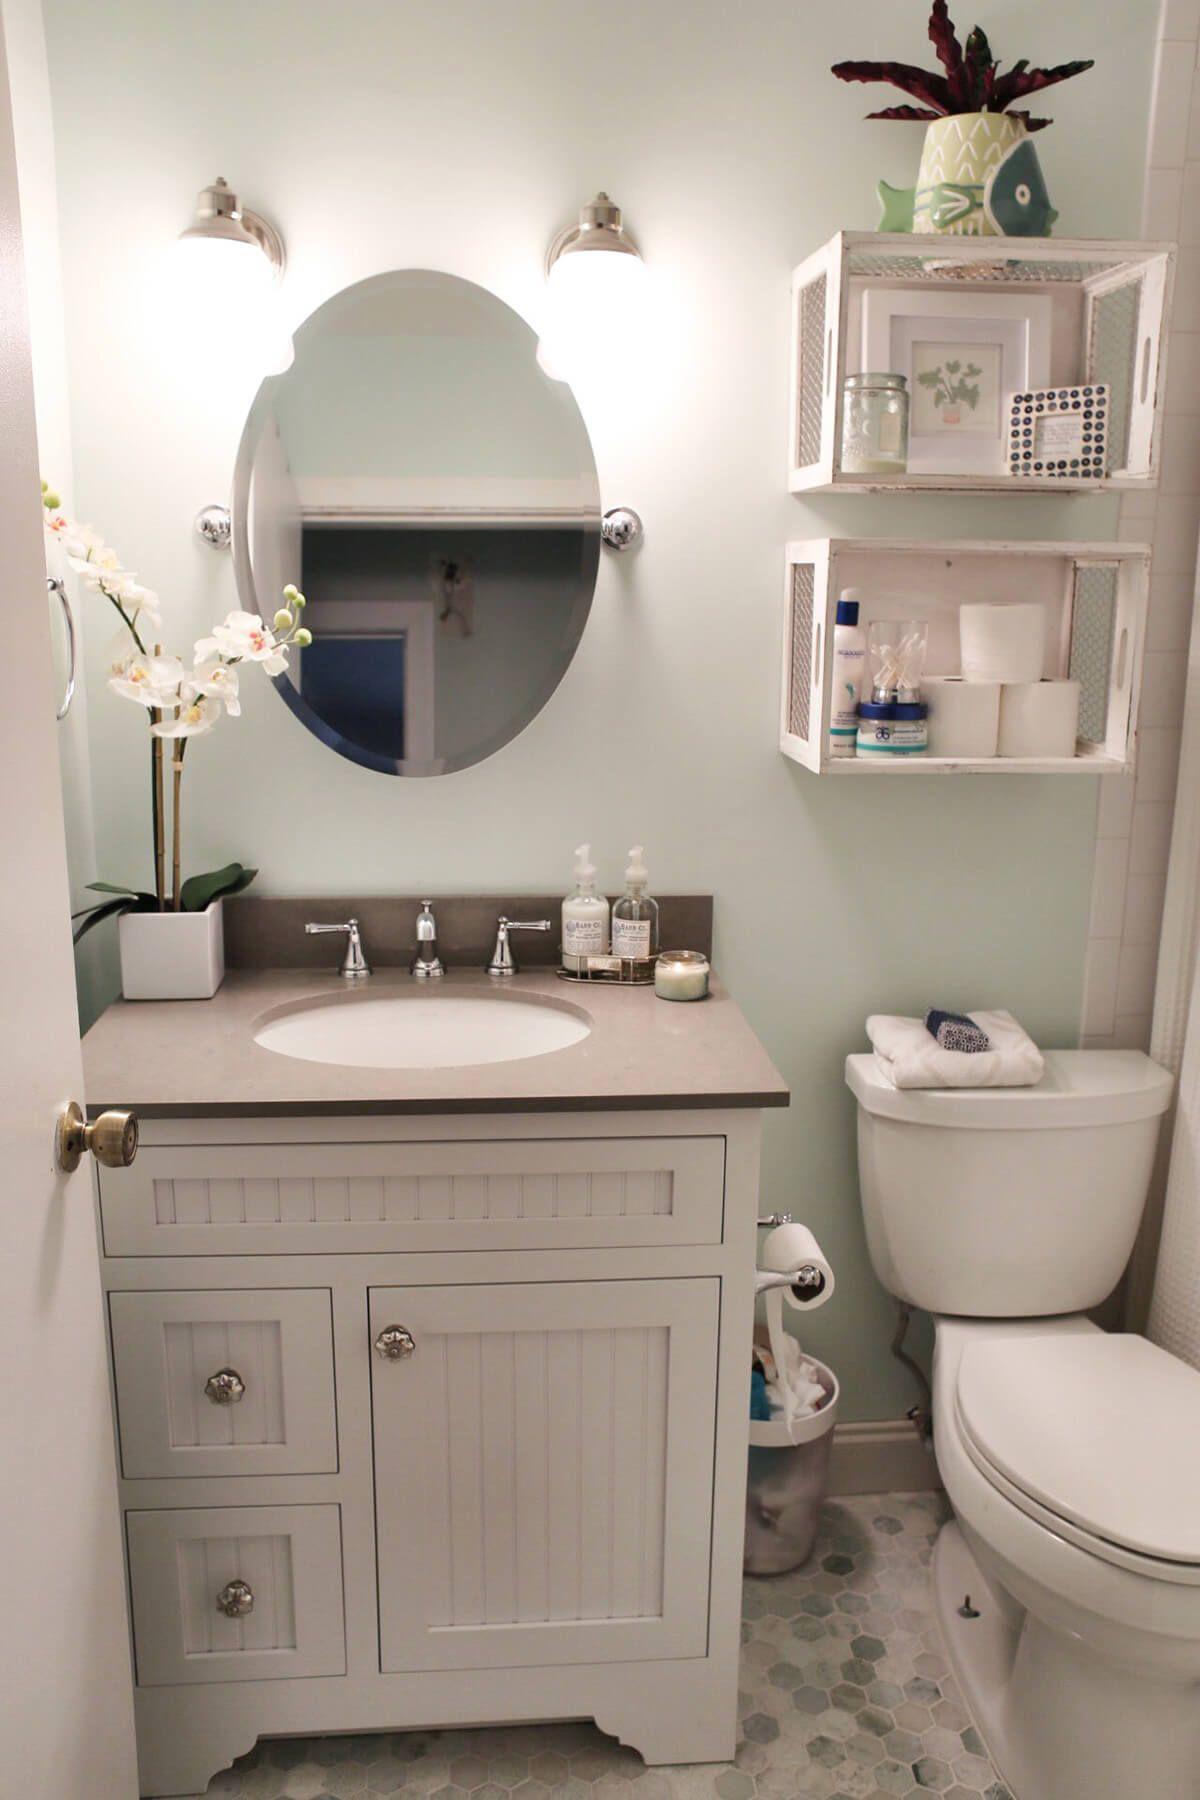 32 Brilliant über die WC-Aufbewahrungsideen, die das Beste aus Ihrem Raum machen #caixasdemadeira